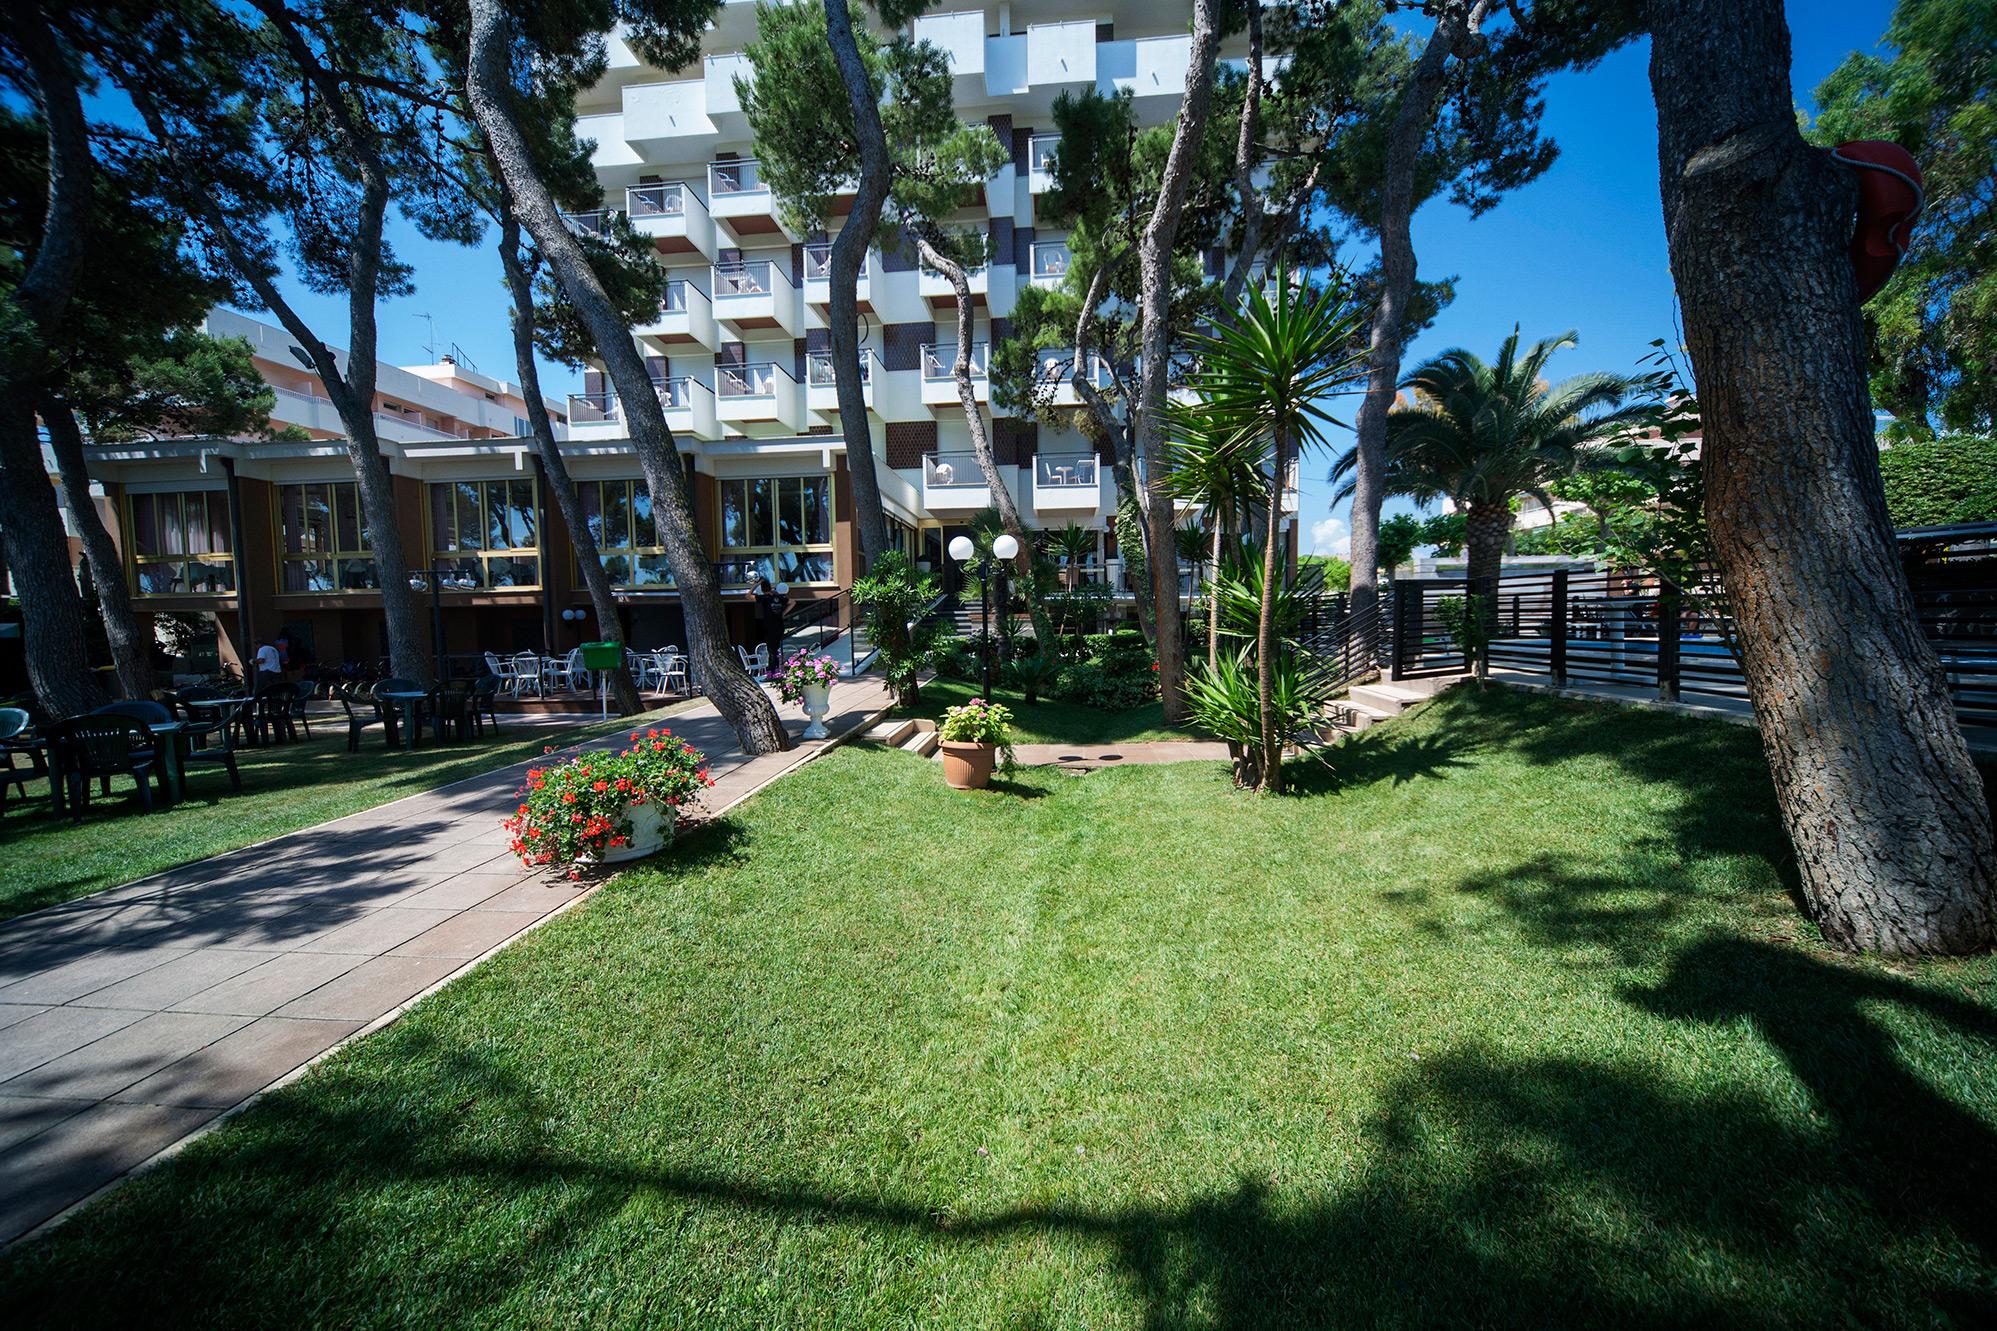 Family hotel giulianova con piscina offerte vacanze per - Hotel con piscina abruzzo ...